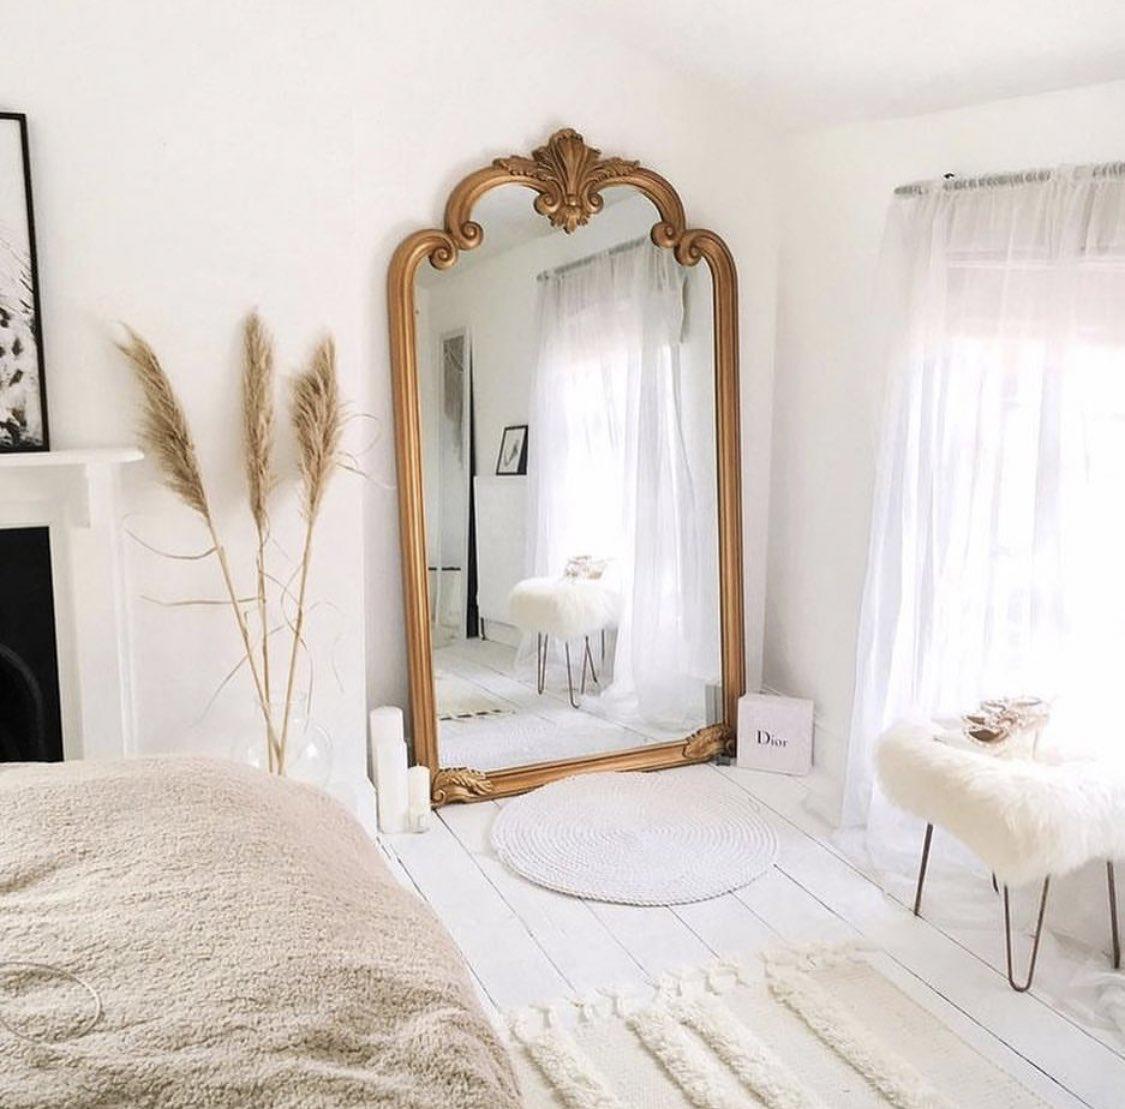 Mách bạn 10 mẹo giúp phòng ngủ nhỏ cỡ nào cũng xinh long lanh - Ảnh 5.